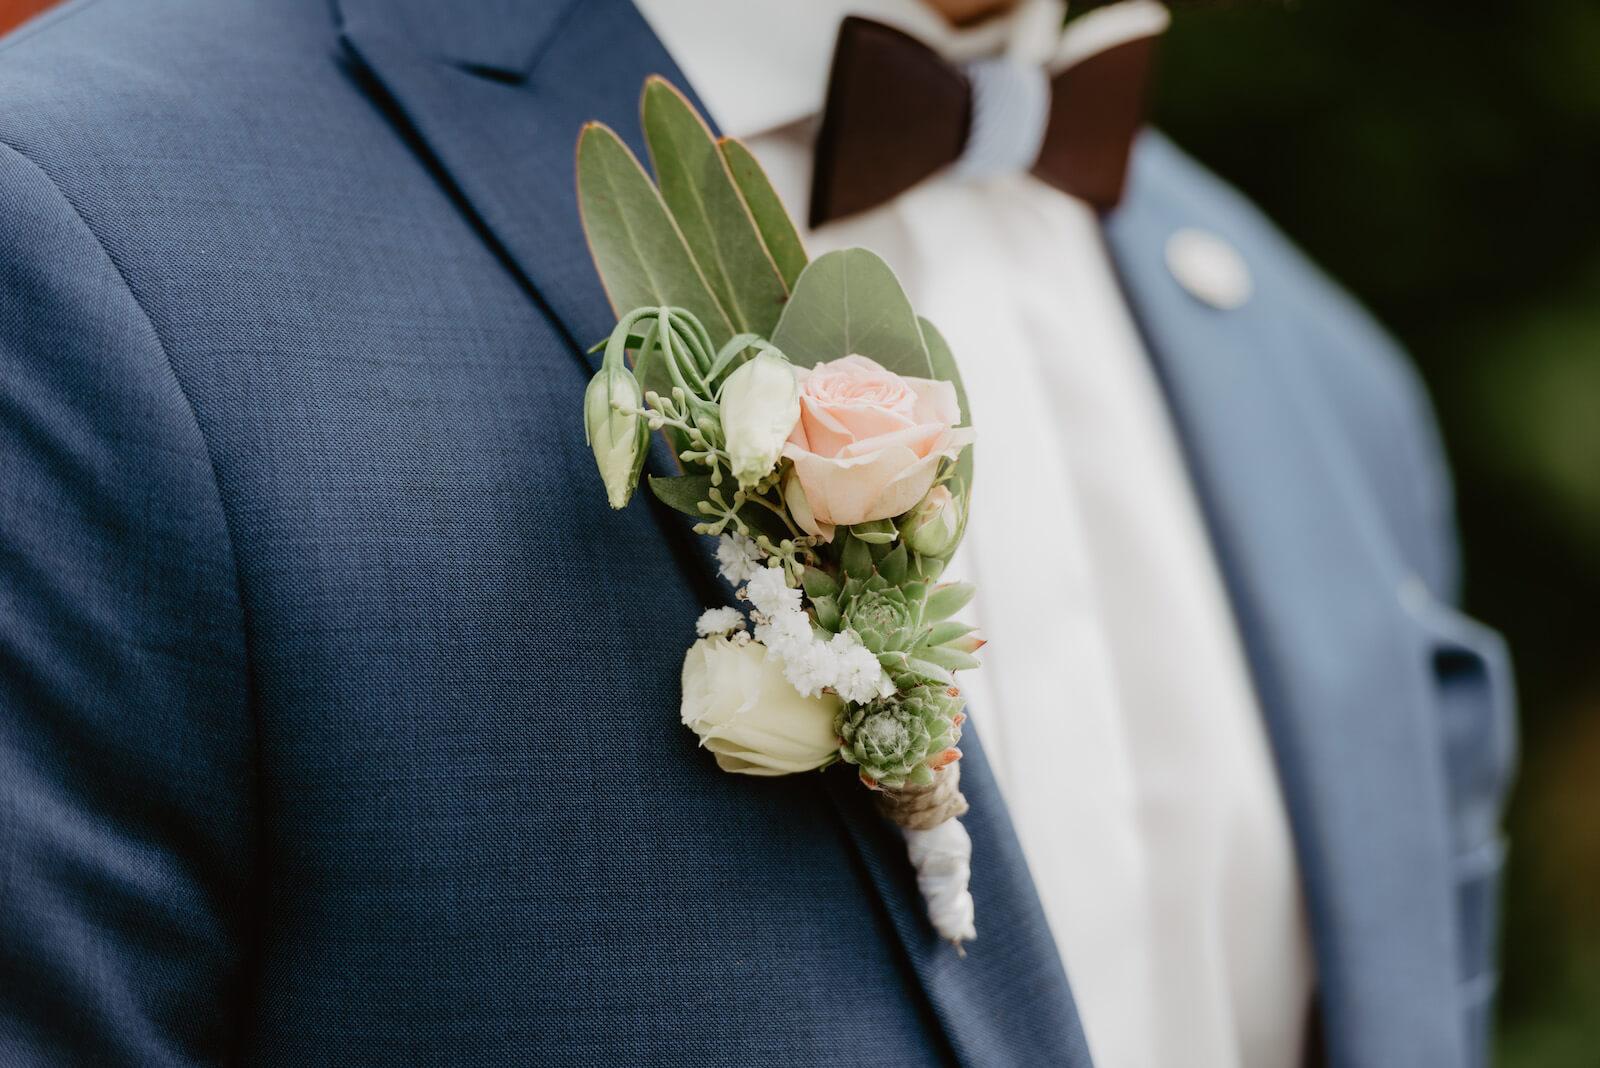 Gartenhochzeit Buchloe - Blumenschmuck am Anzug des Bräutigams